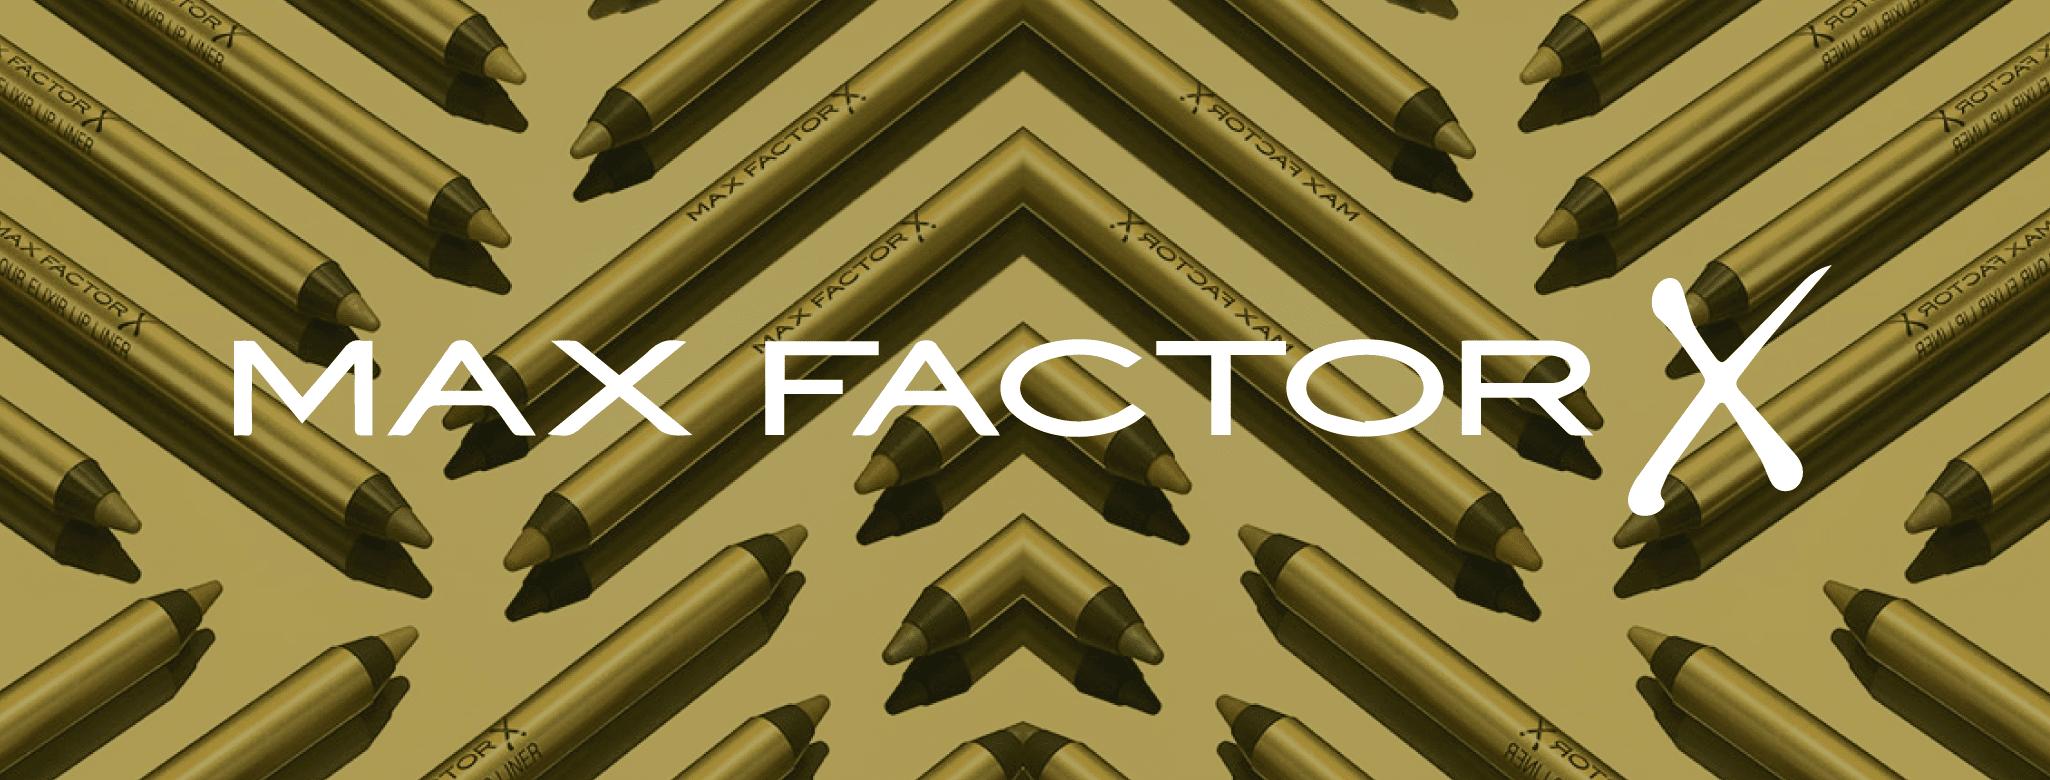 Max Factor banner til brand siden